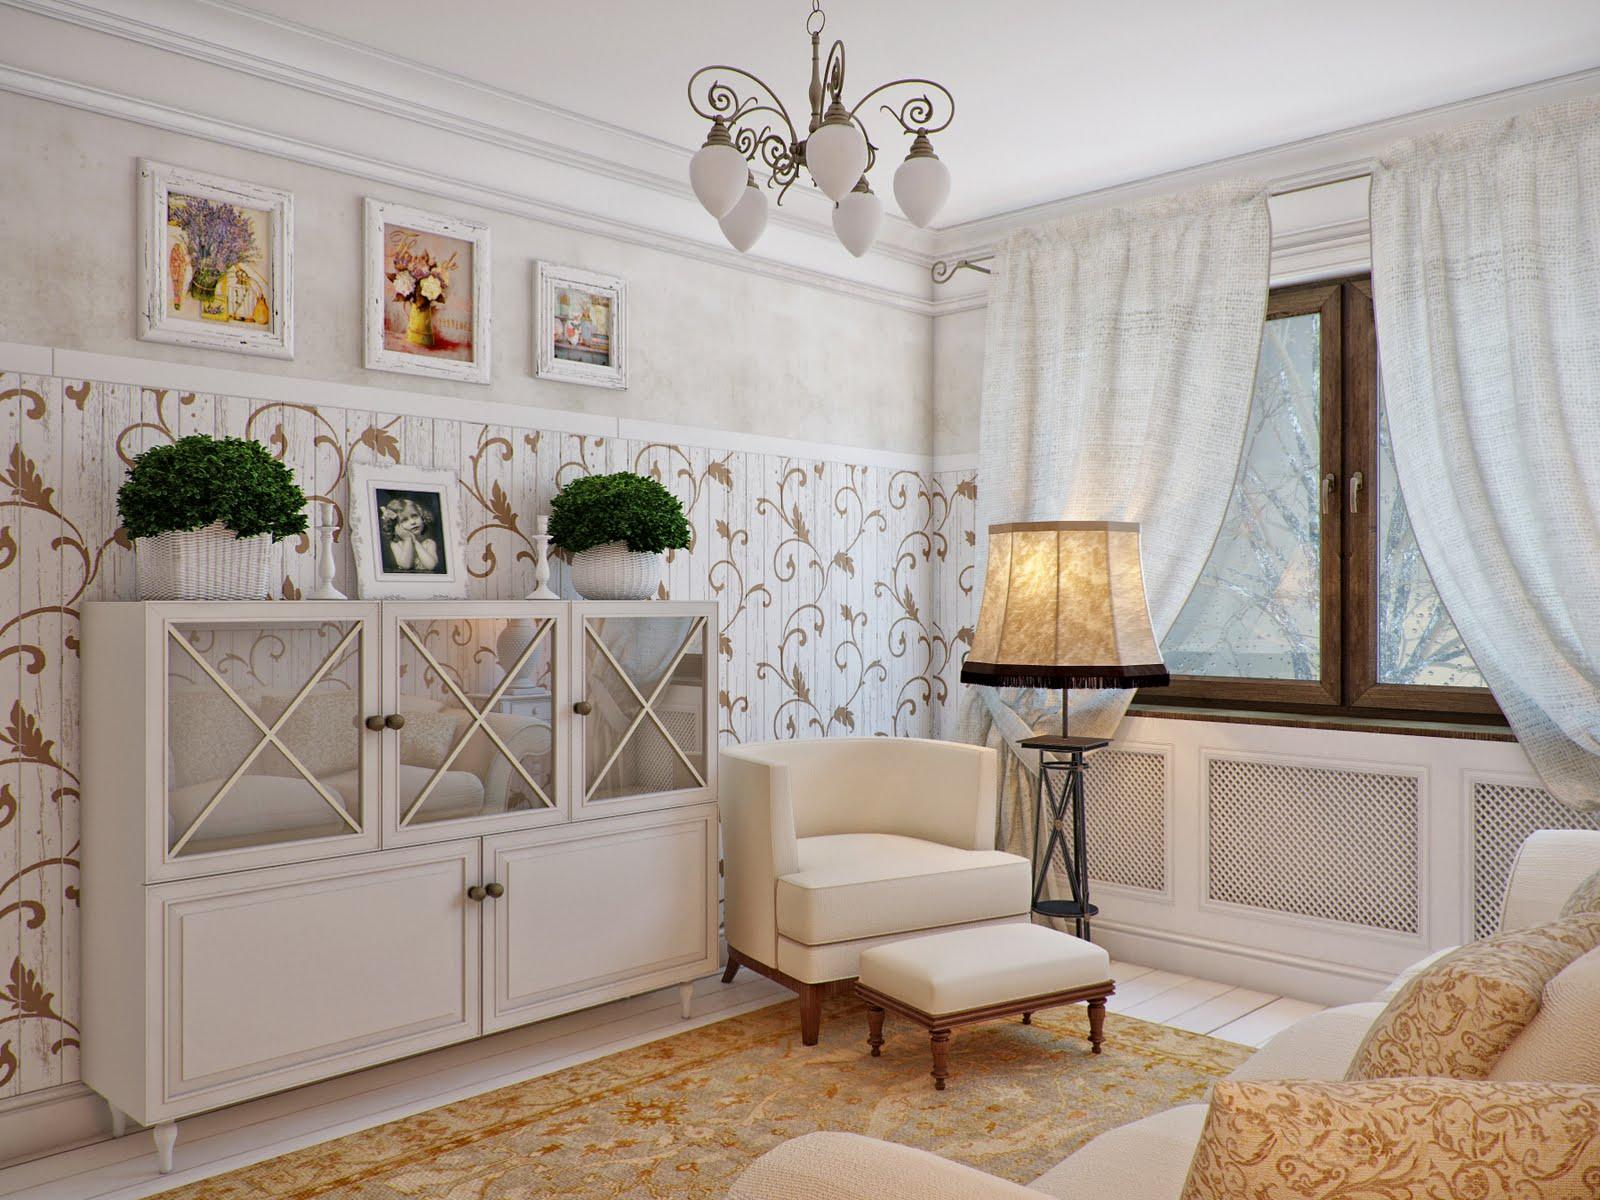 В настоящее время деревенский стиль стал очень популярен среди владельцев обычных городских квартирВ настоящее время деревенский стиль стал очень популярен среди владельцев обычных городских квартир